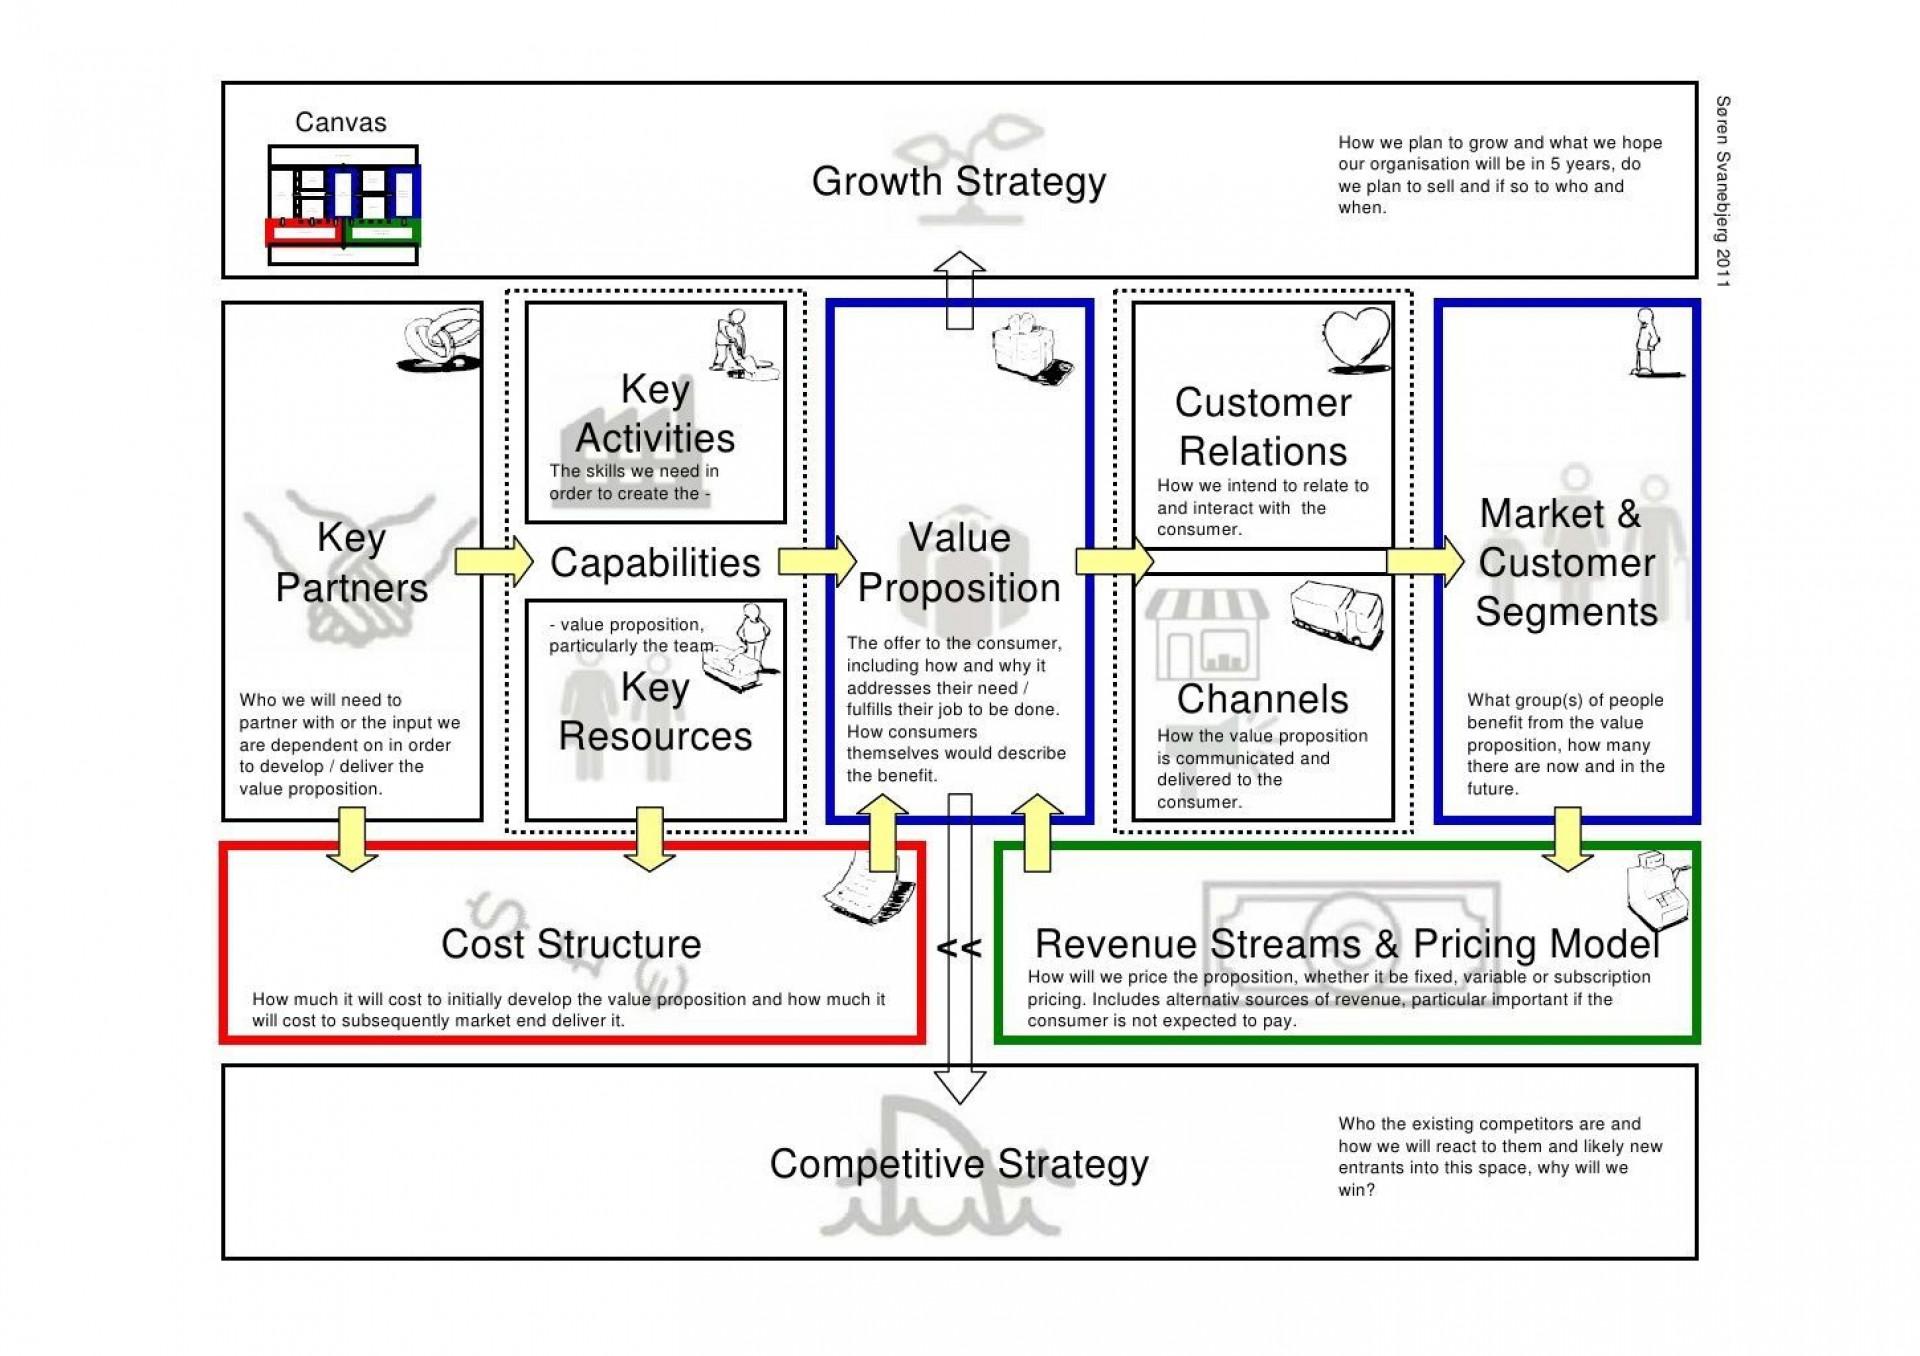 004 Unique Busines Model Canva Template Excel Deutsch Idea 1920